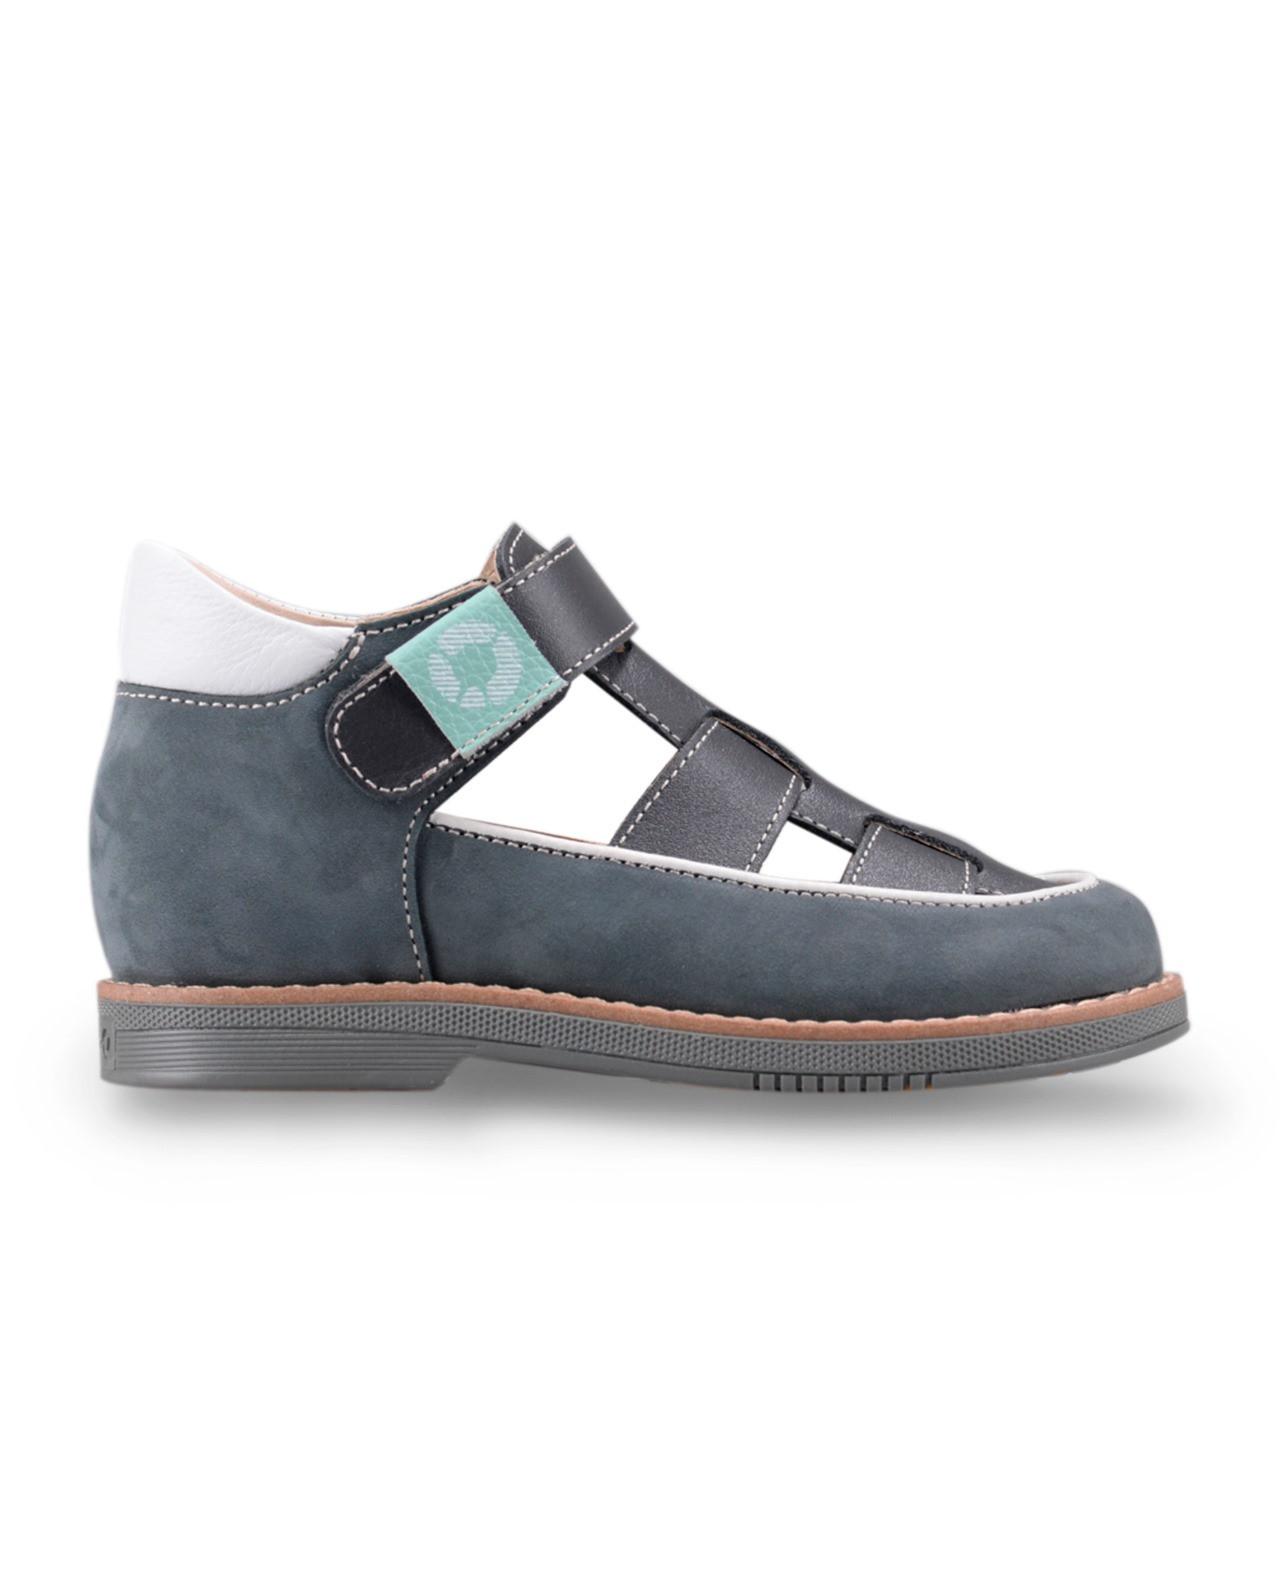 Туфли Детские, Tapiboo Ива (43276, 23 )Туфли<br>Туфли для ежедневной профилактики плоскостопия. <br>Идеальны как сменная обувь в детский сад <br>и начальную школу. Широкий, устойчивый каблук, <br>специальной конфигурации «каблук Томаса». <br>Каблук продлен с внутренней стороны до <br>середины стопы, чтобы исключить вращение <br>(заваливание) стопы вовнутрь (пронационный <br>компонент деформации, так называемая косолапость, <br>или вальгусная деформация). Многослойная, <br>анатомическая стелька со сводоподдерживающим <br>элементом для правильного формирования <br>стопы. Благодаря использованию современных <br>внутренних материалов позволяет оптимально <br>распределить нагрузку по всей площади стопы <br>и свести к минимуму ее ударную составляющую. <br>Жесткий фиксирующий задник с удлиненным <br>«крылом» надежно стабилизирует голеностопный <br>сустав во время ходьбы, препятствуя развитию <br>патологических изменений стопы. Упругая, <br>умеренно-эластичная подошва, имеющая перекат <br>позволяющий повторить естественное движение <br>стопы при ходьбе для правильного распределения <br>нагрузки на опорно-двигательный аппарат <br>ребенка. Подкладка из кож<br>Размер INT: M; Цвет: Красный; Ширина: 100; Высота: 200; Вес: 1000;